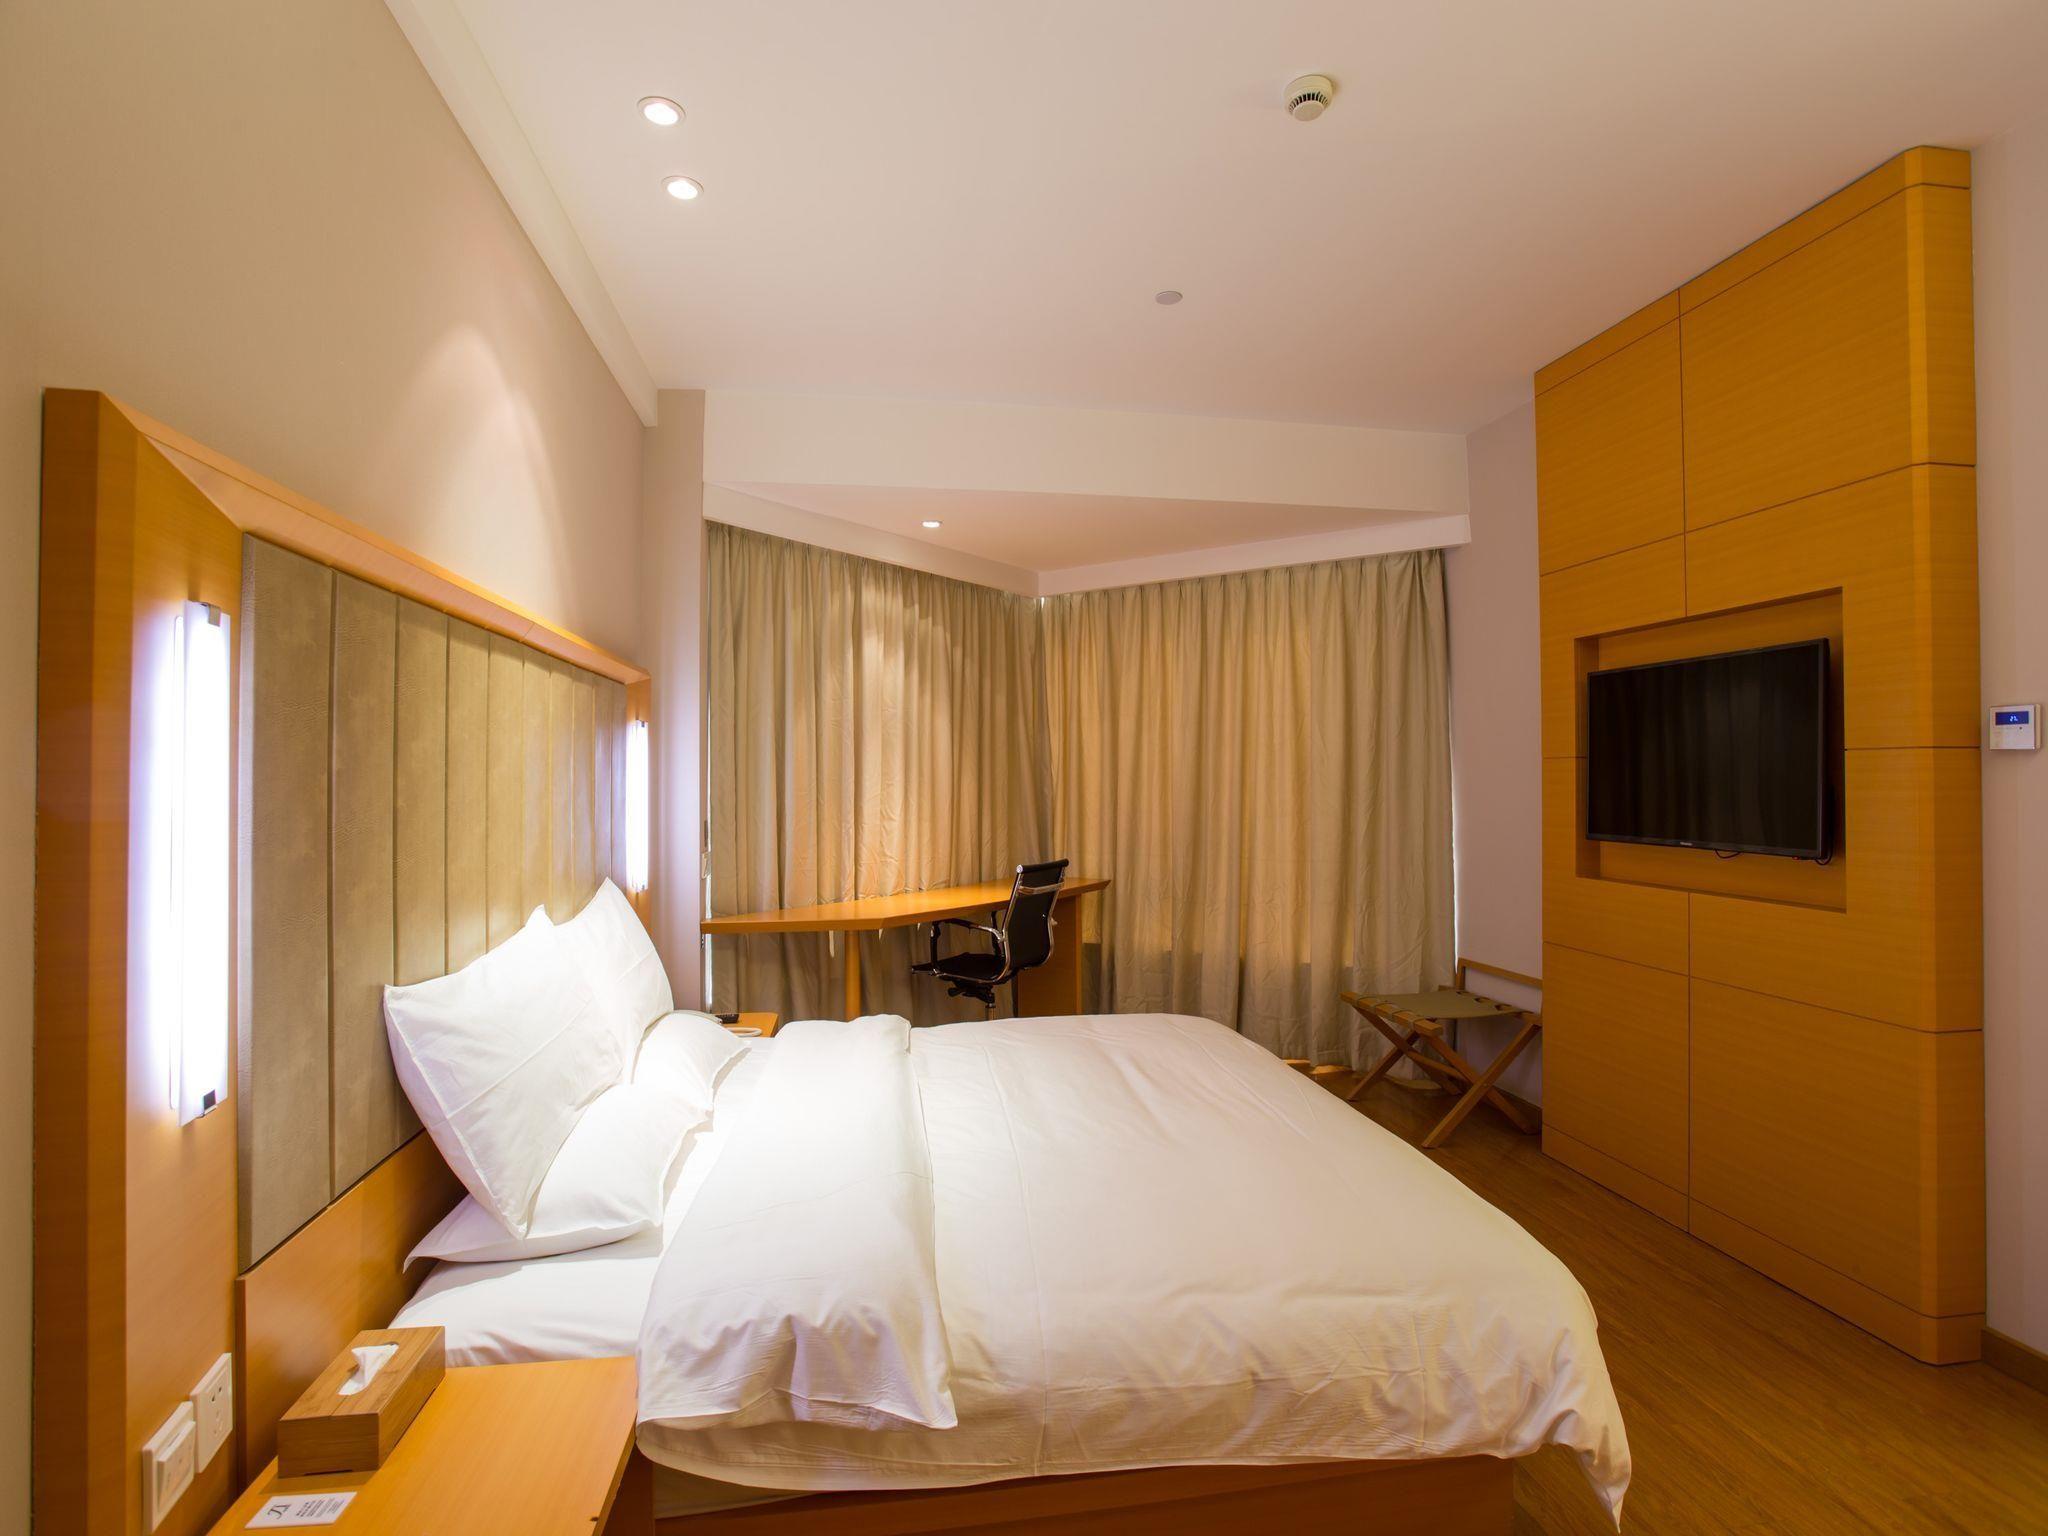 JI Hotel Shanghai Chuansha Branch Shanghai, China